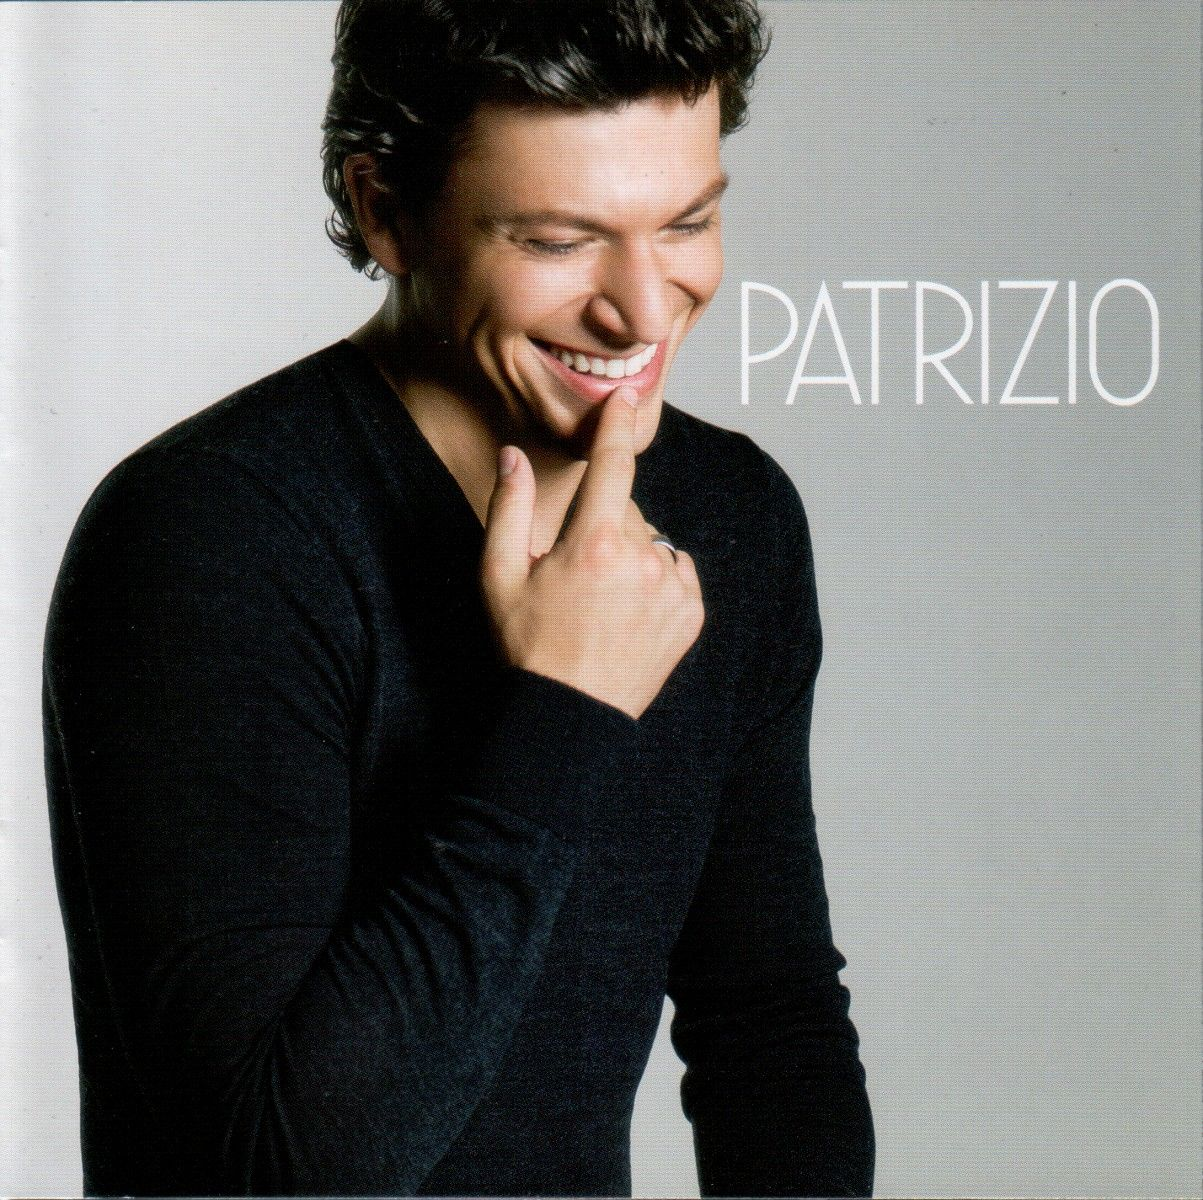 Patrizio Buanne - Patrizio album cover